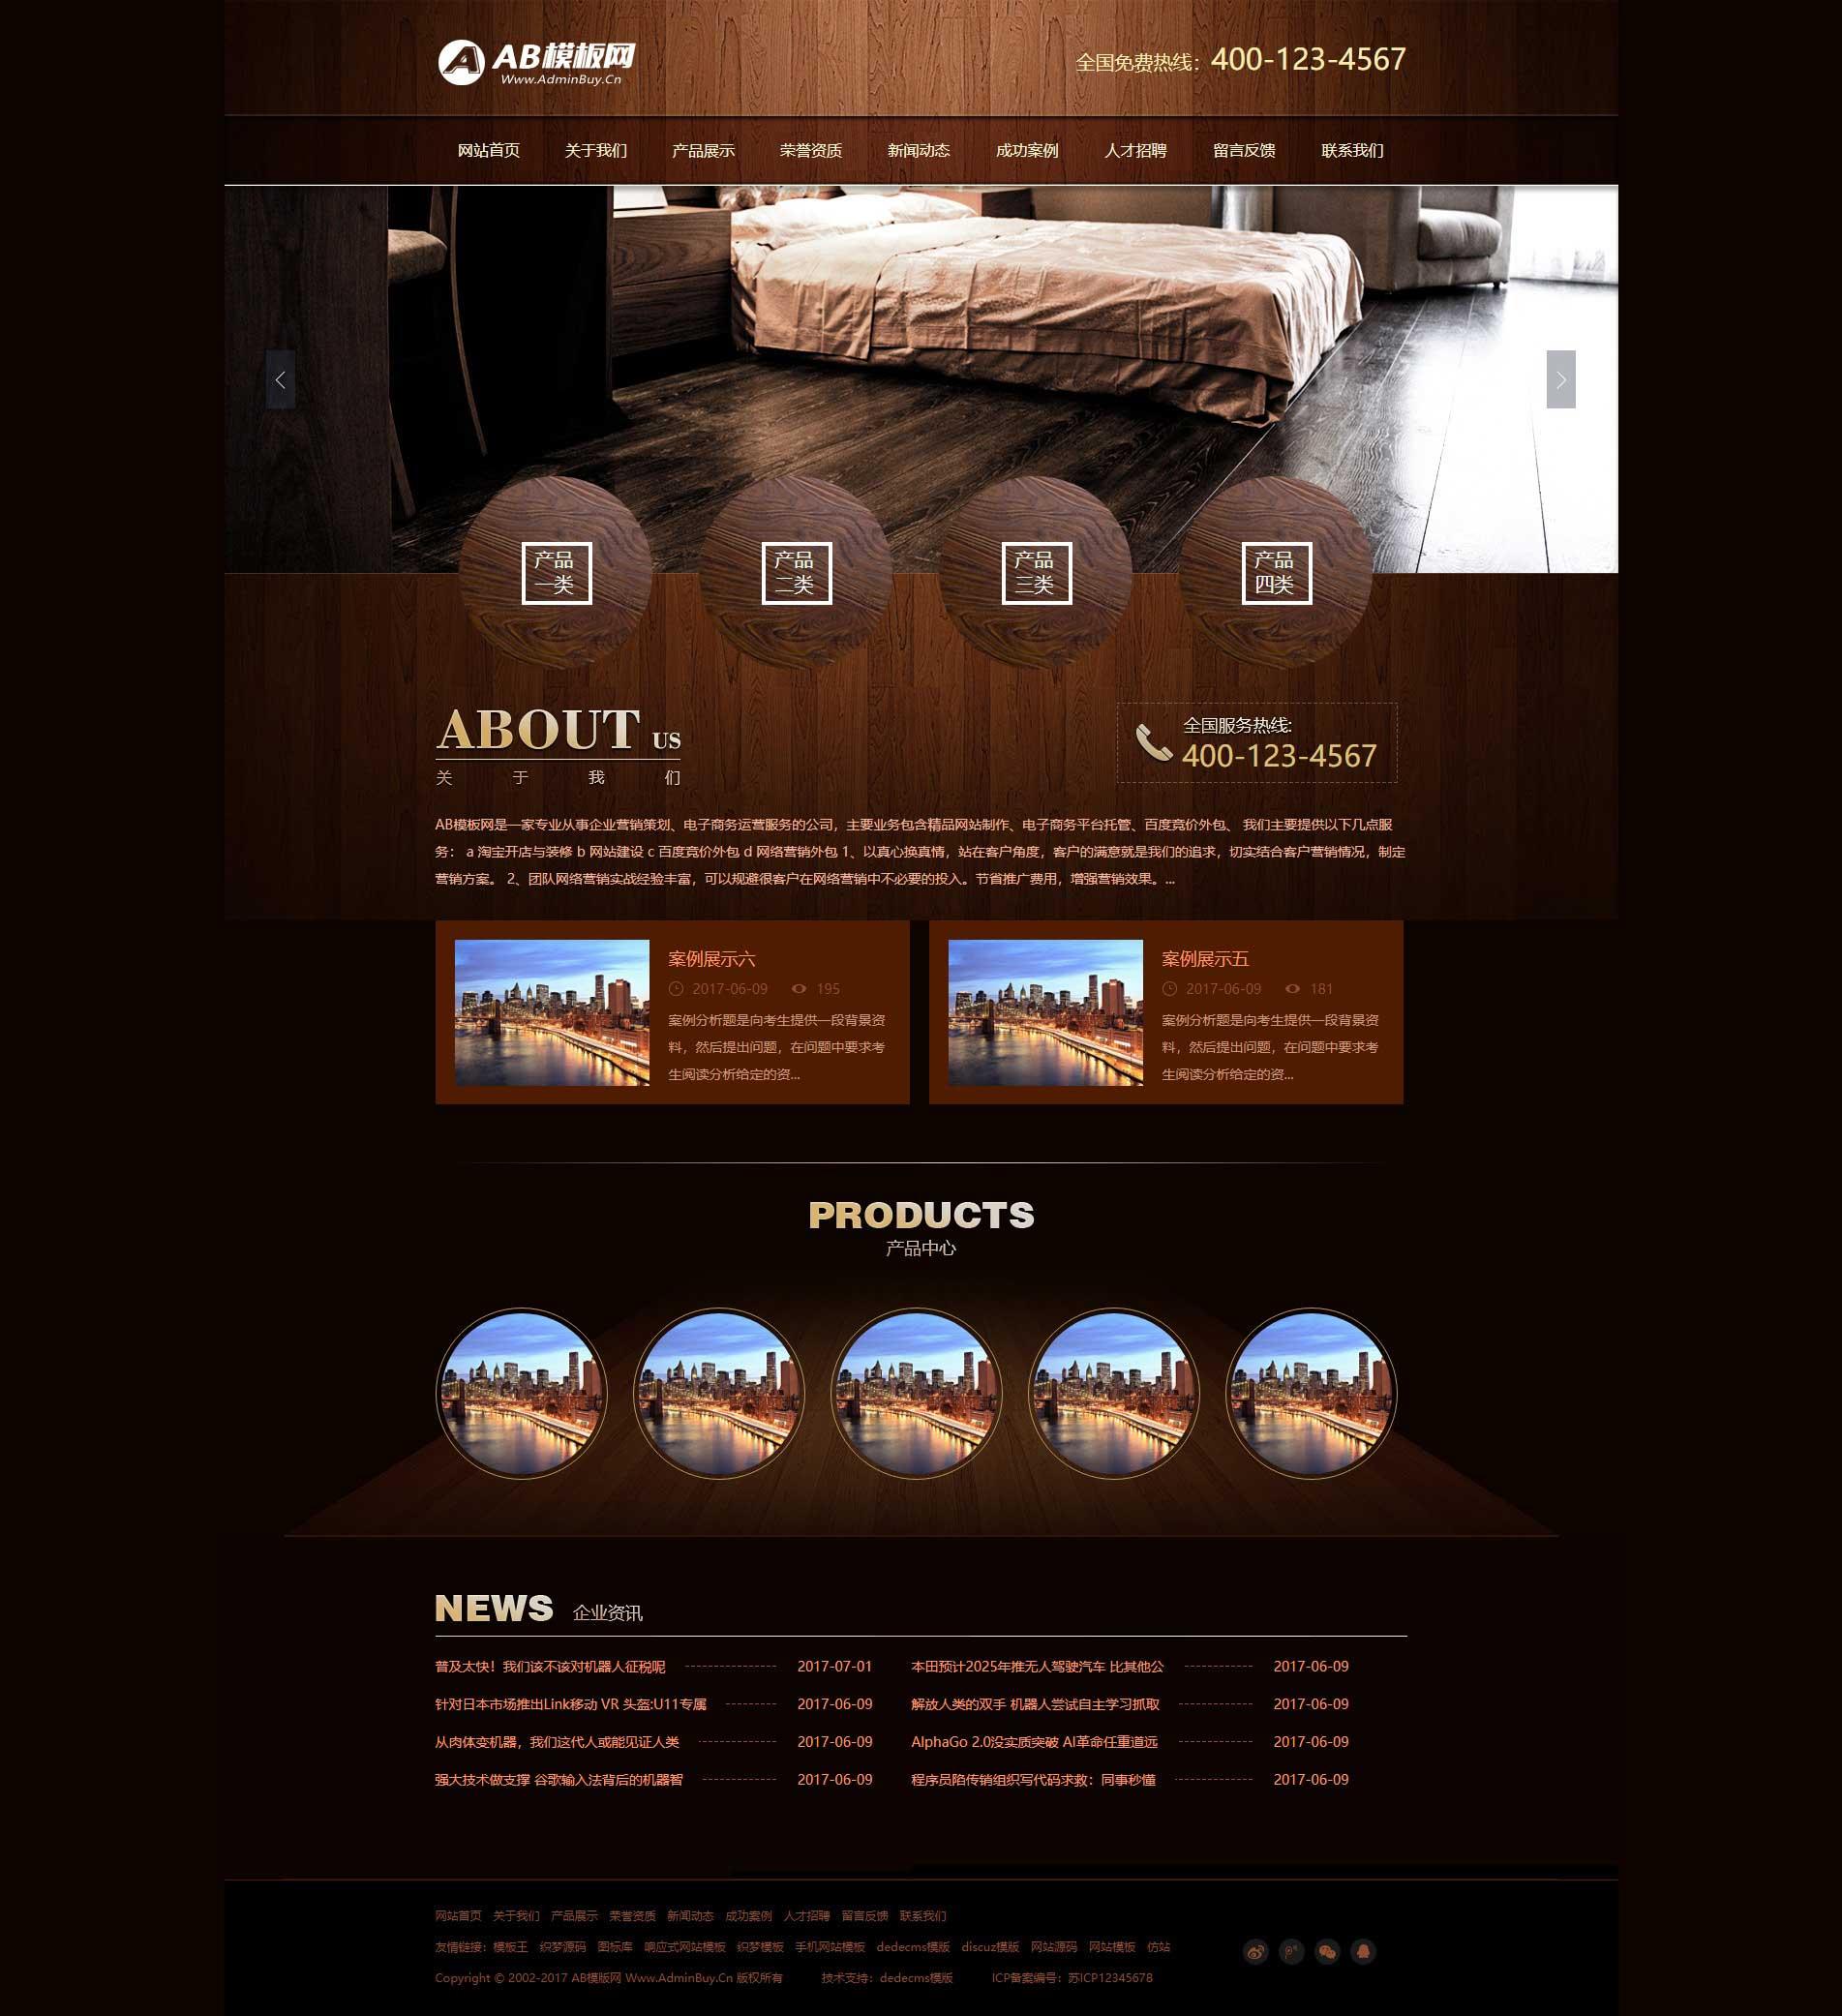 木材门业类企业网站织梦dede模板源码[带手机版数据同步]插图